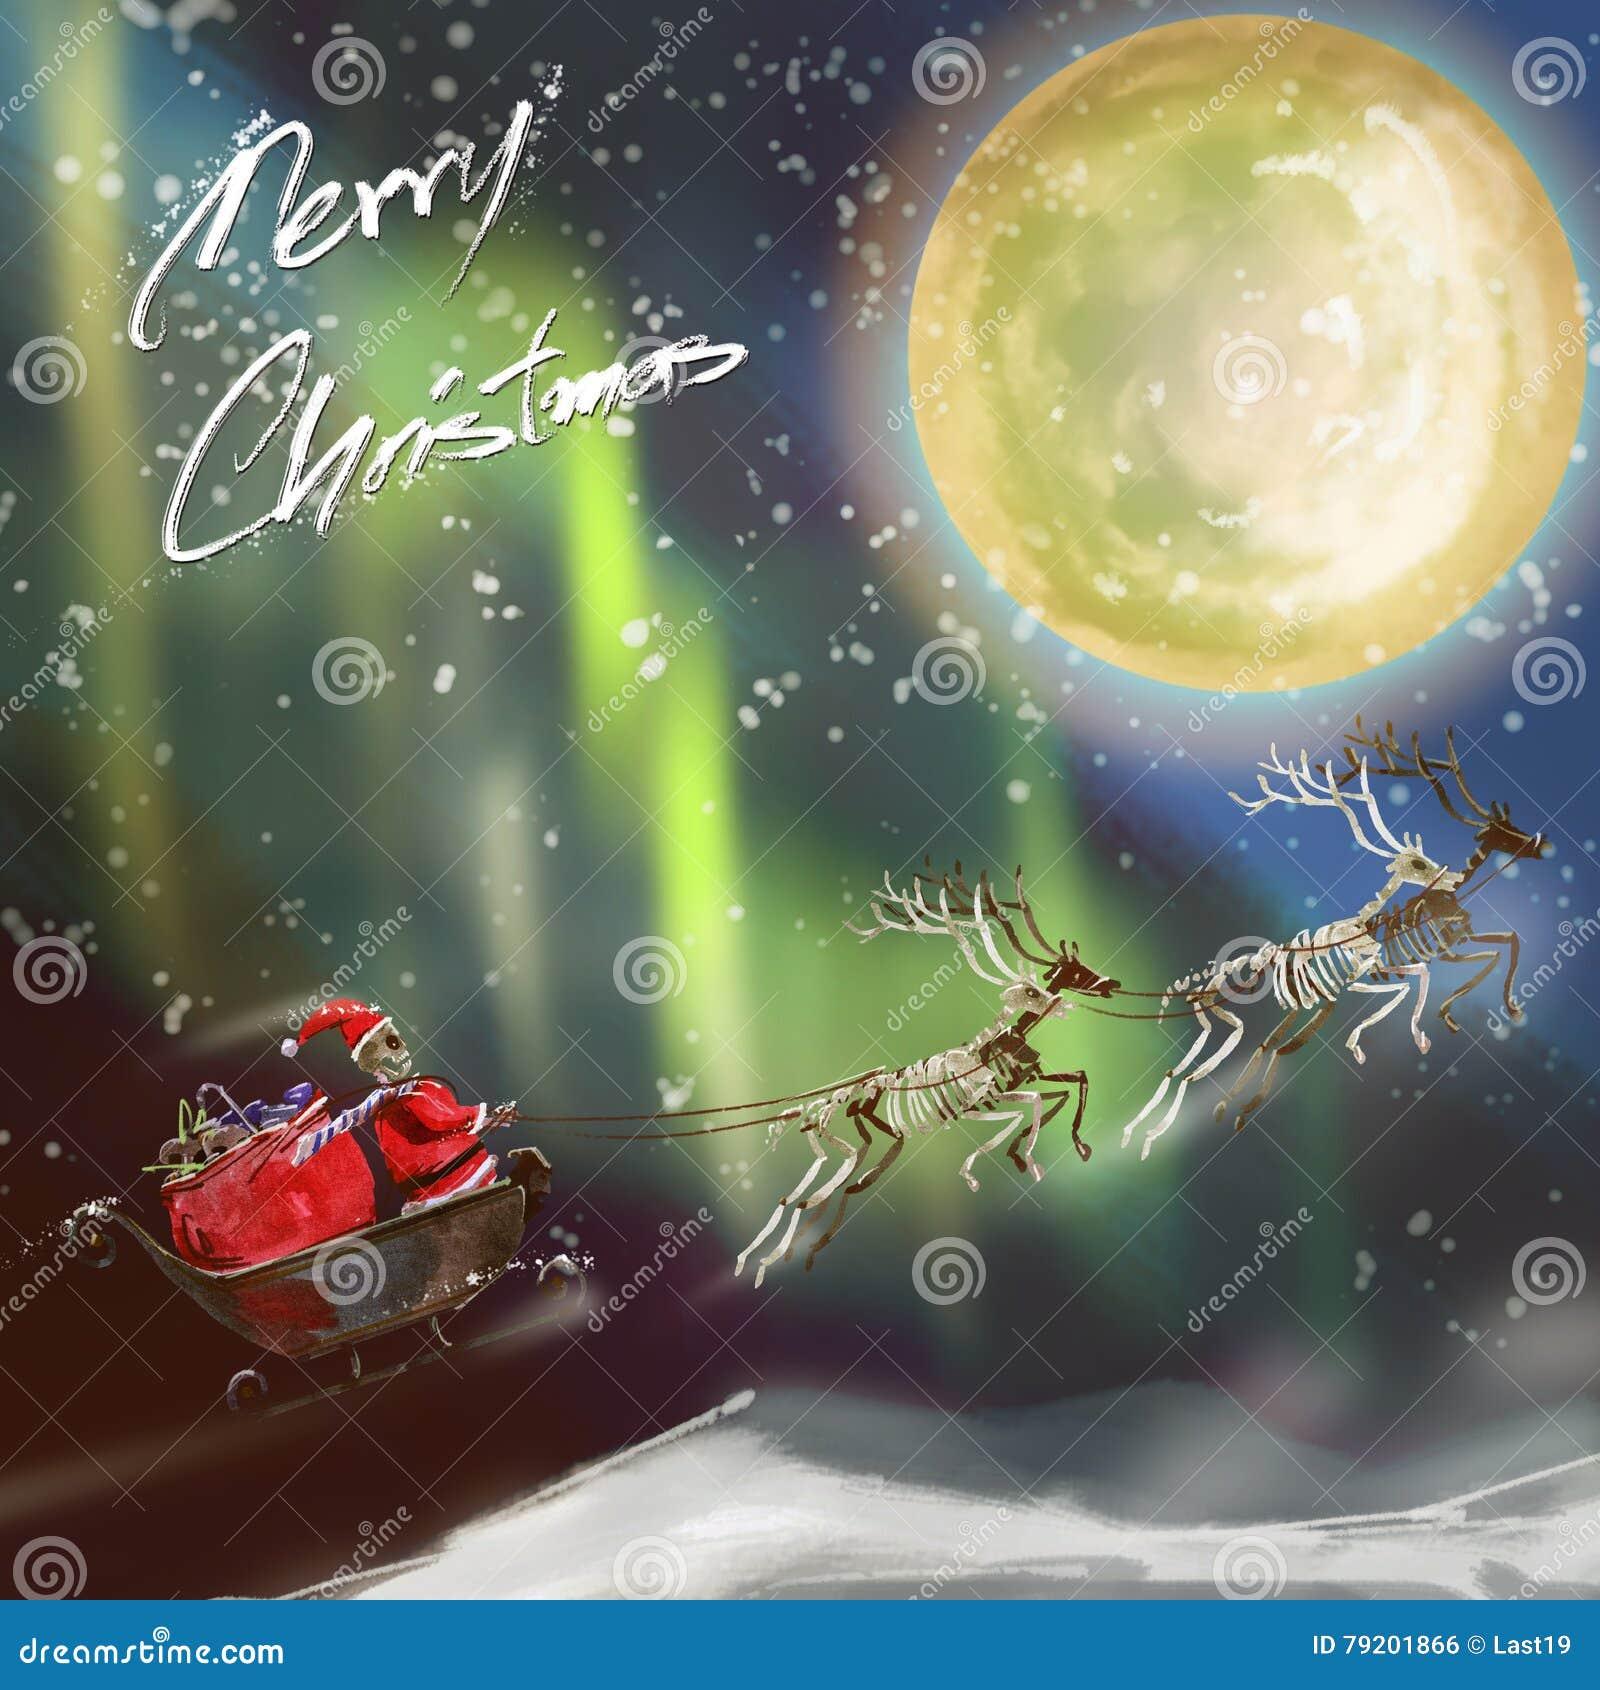 Digitale Weihnachtskarten.Aquarellmalerei Und Digitale Gemalte Weihnachtskarten Santa